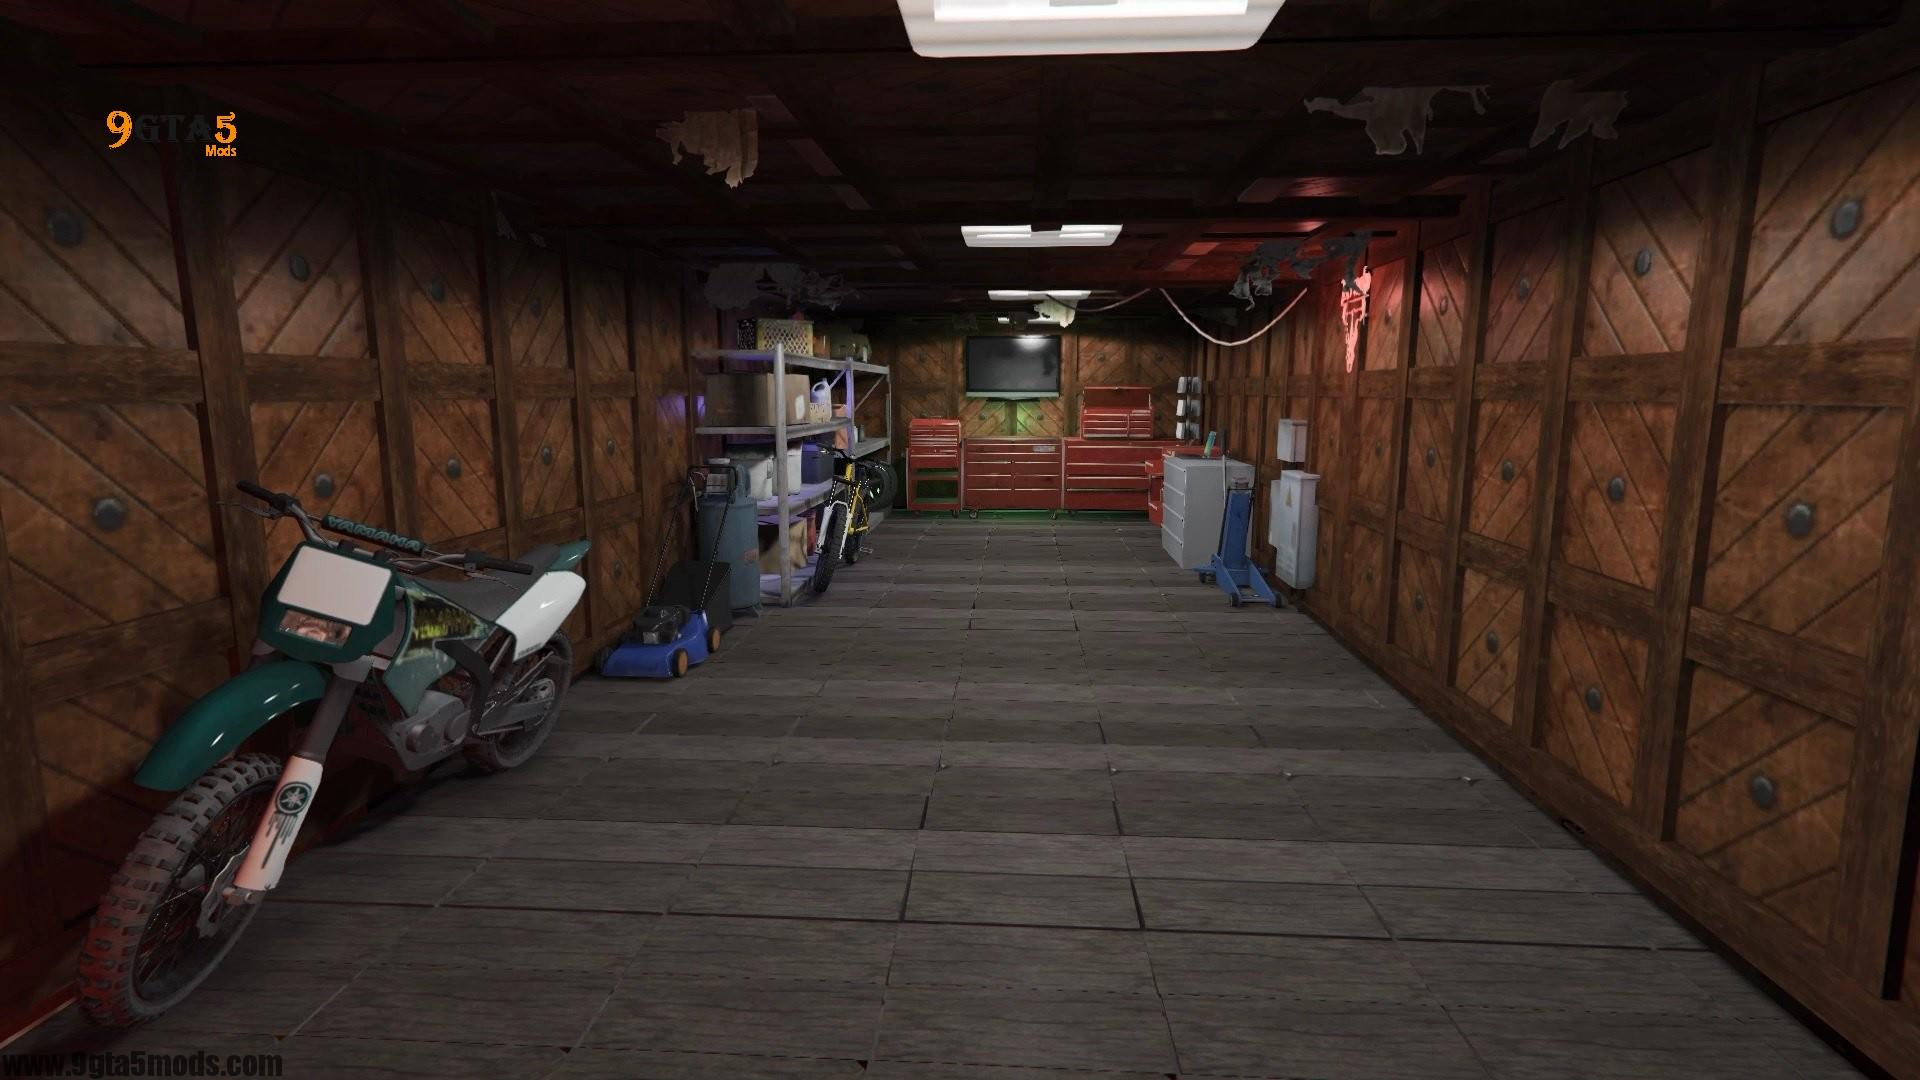 Trevor's Log House9